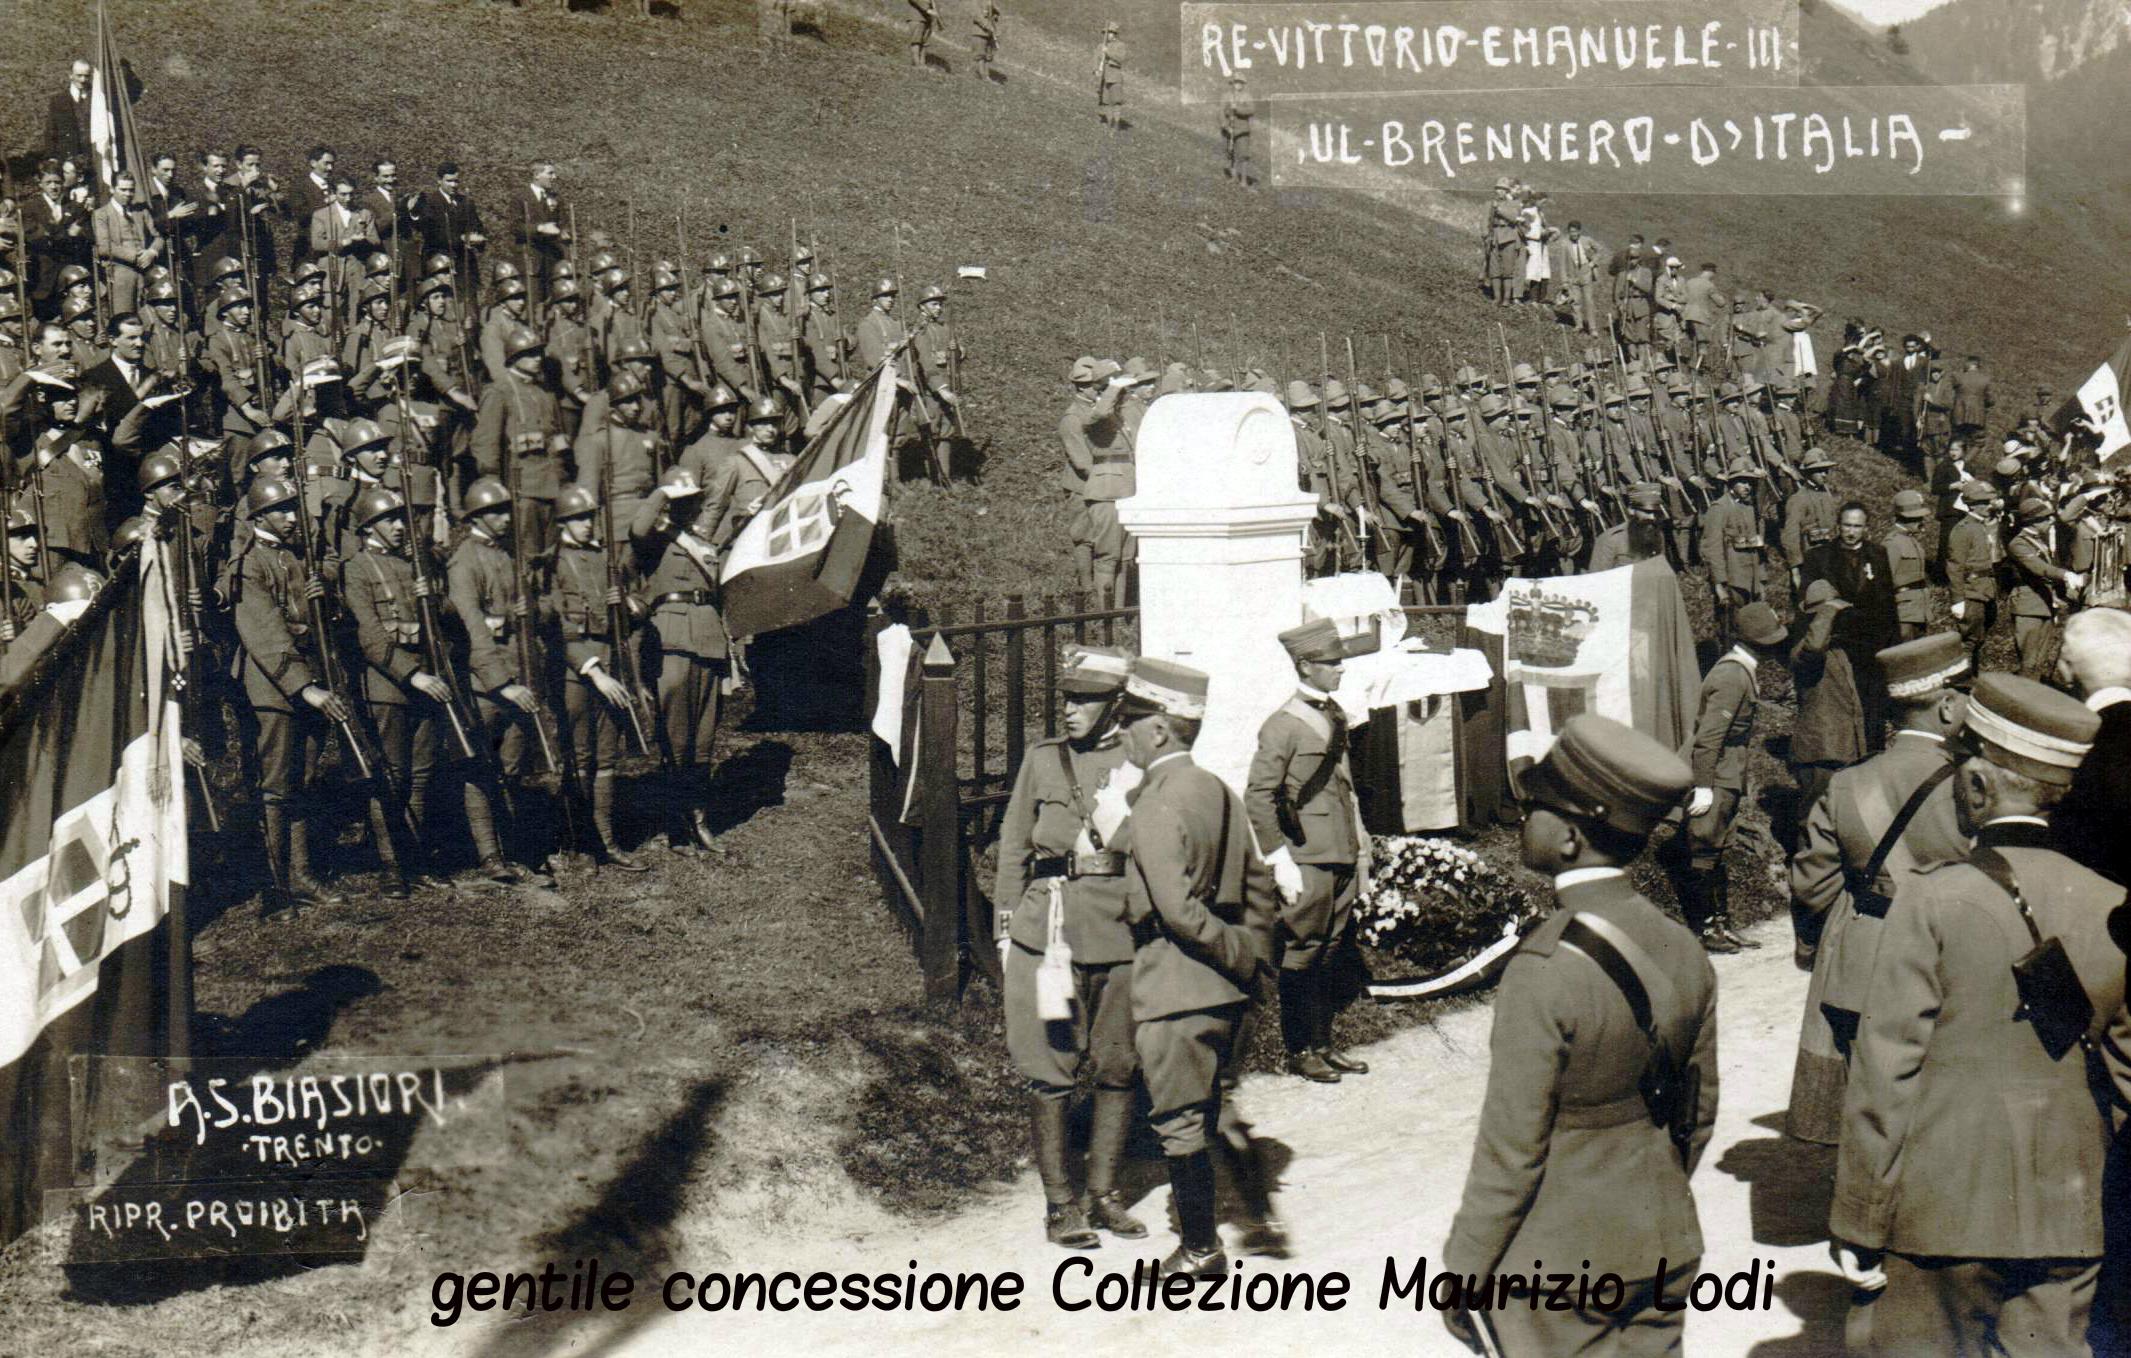 S.M. il Re sul fronte trentino - Brennero d'Italia - cerimonia per la posa del nuovo cippo confinario Italia-Austria